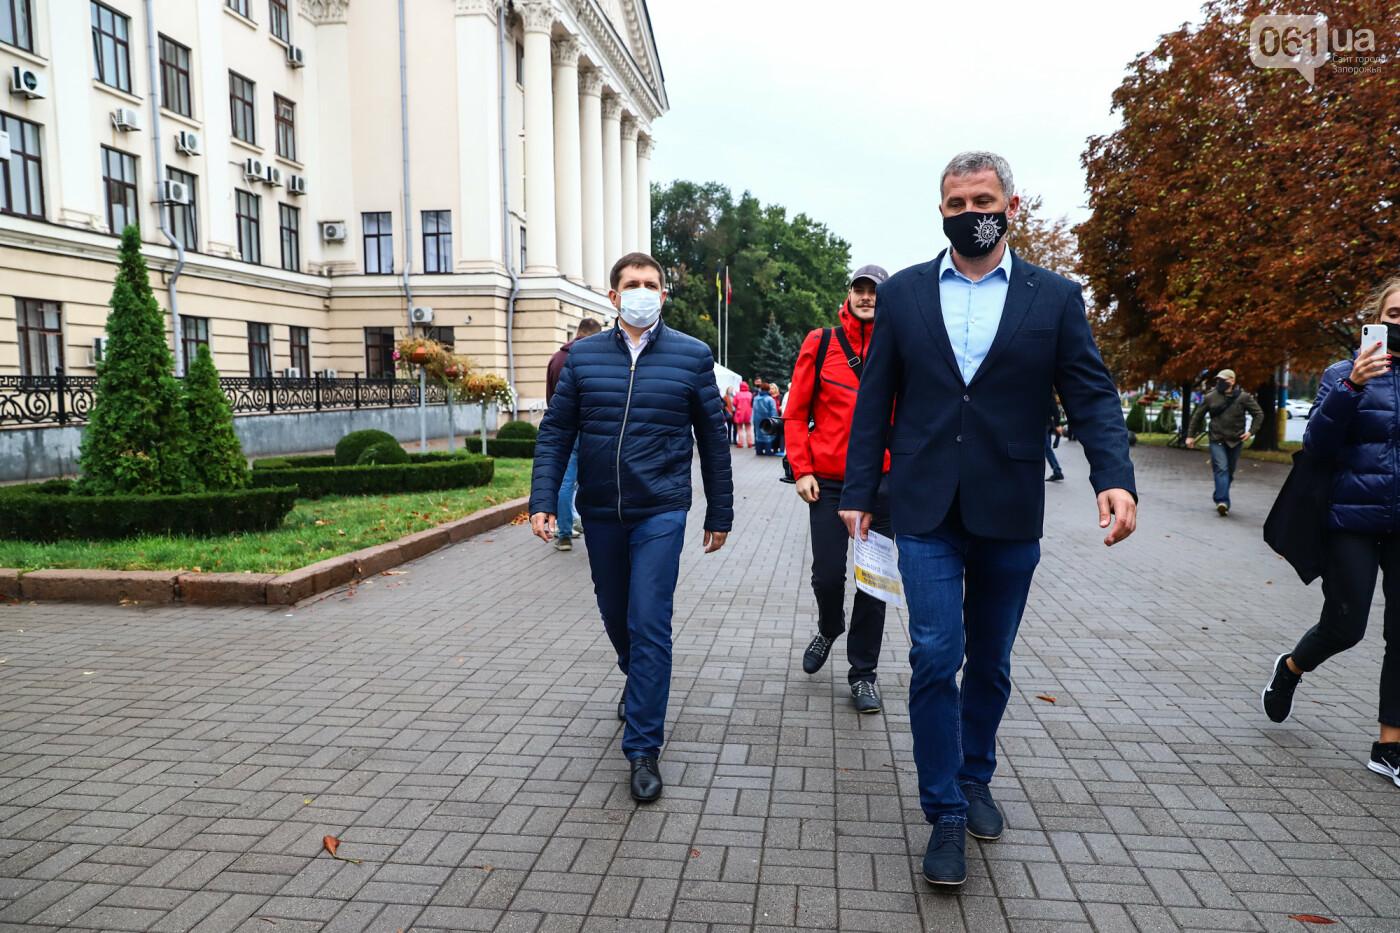 Кандидат в мэры Запорожья Валерий Прозапас вызвал Буряка на публичные дебаты, фото-11